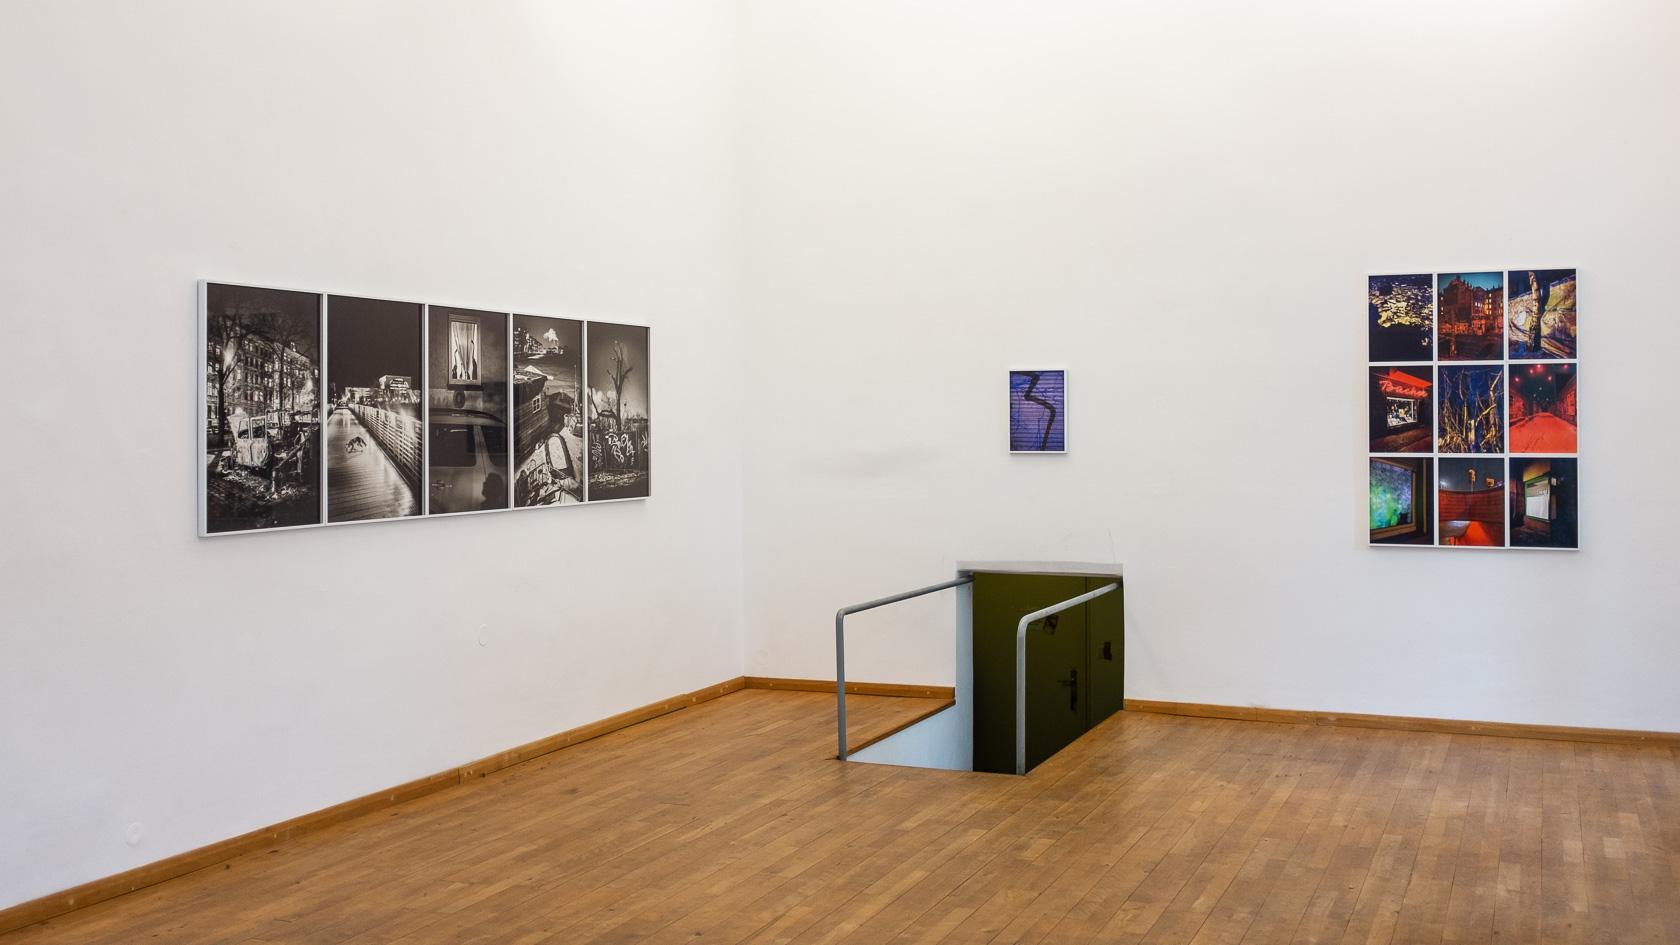 schöner wärs wenns schöner wär - Ausstellung bei Kunstwild, Berlin